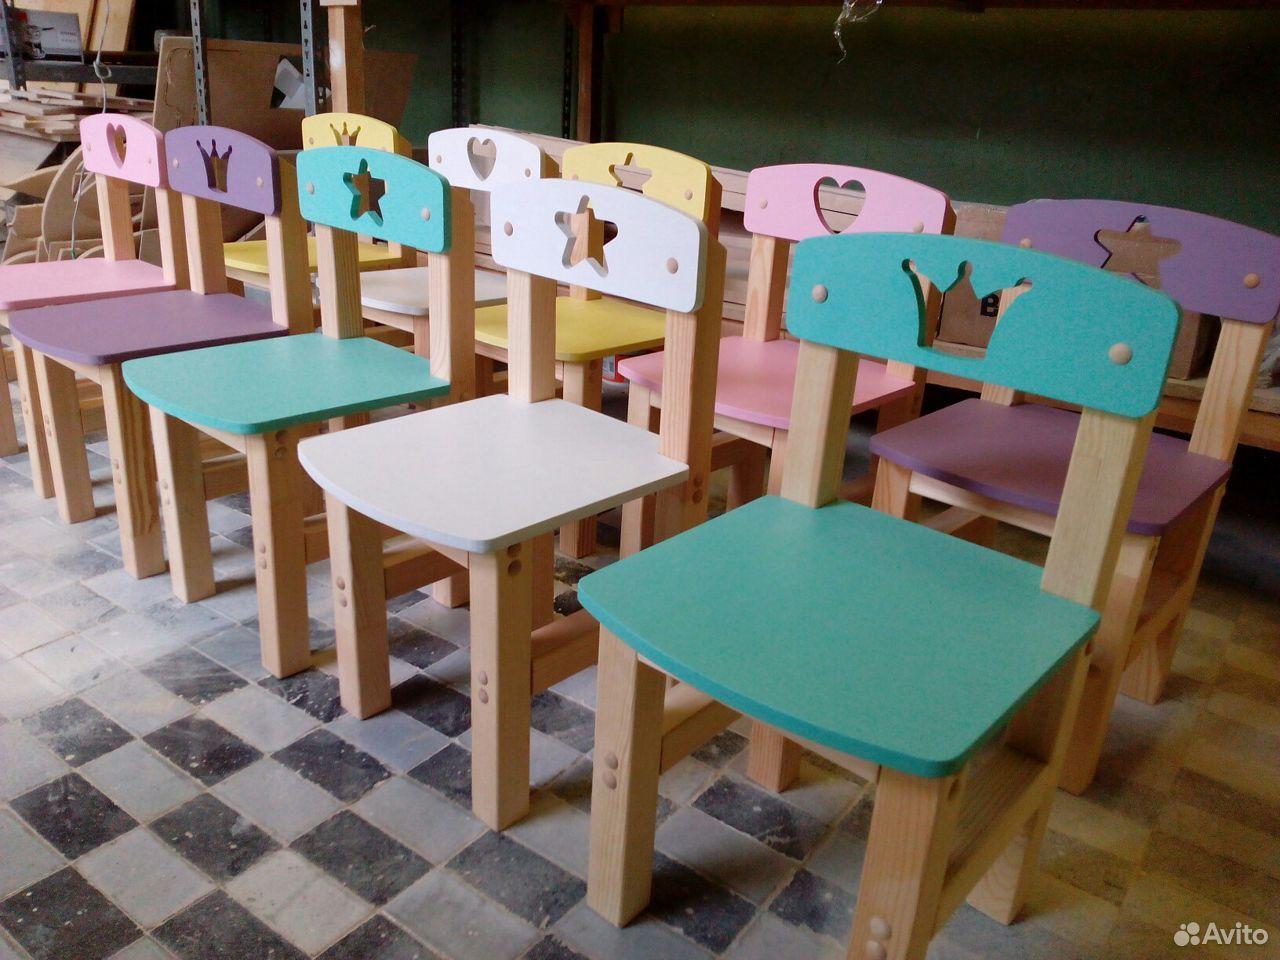 Стульчик детский деревянный  89517599918 купить 1